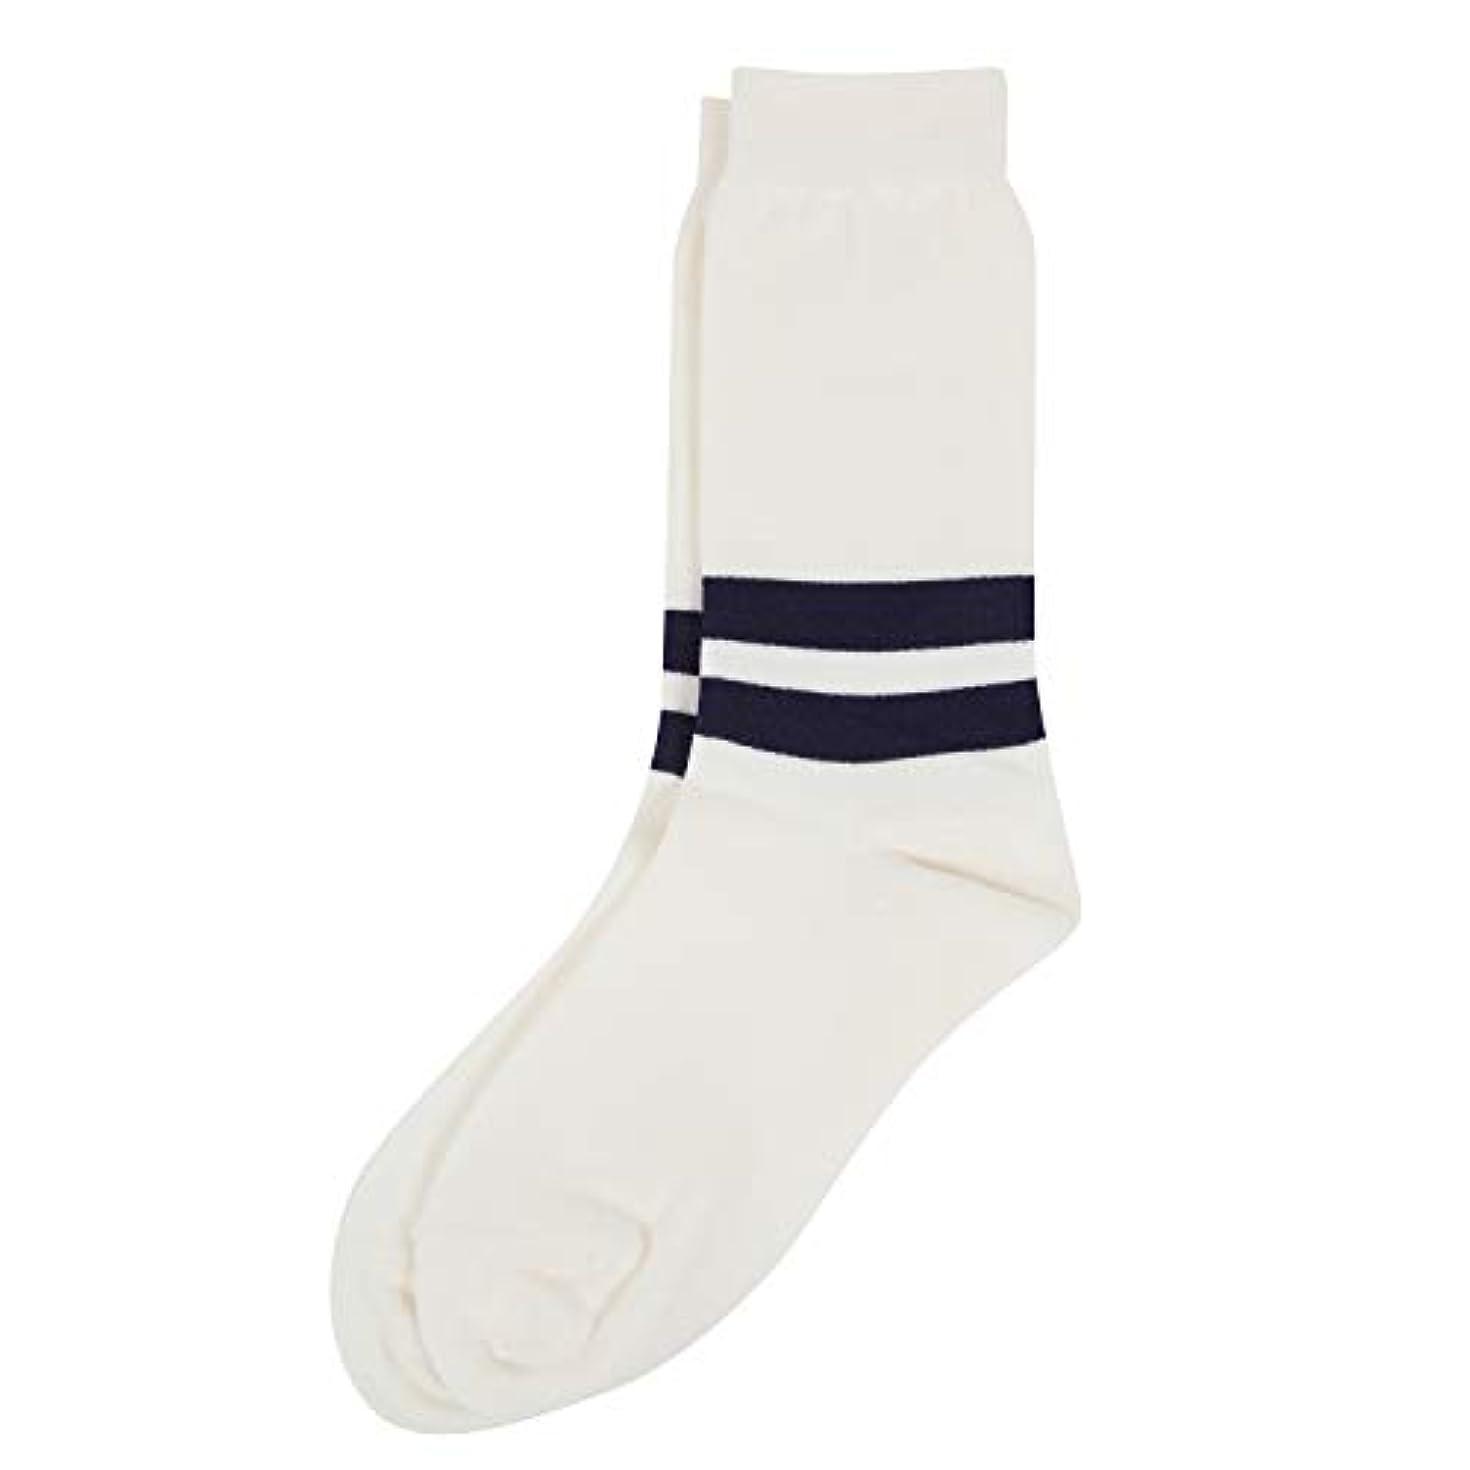 小麦信頼性換気するDeol(デオル) ラインソックス 男性用 メンズ [足のニオイ対策] 長期間持続 日本製 無地 靴下 白 25cm-27cm